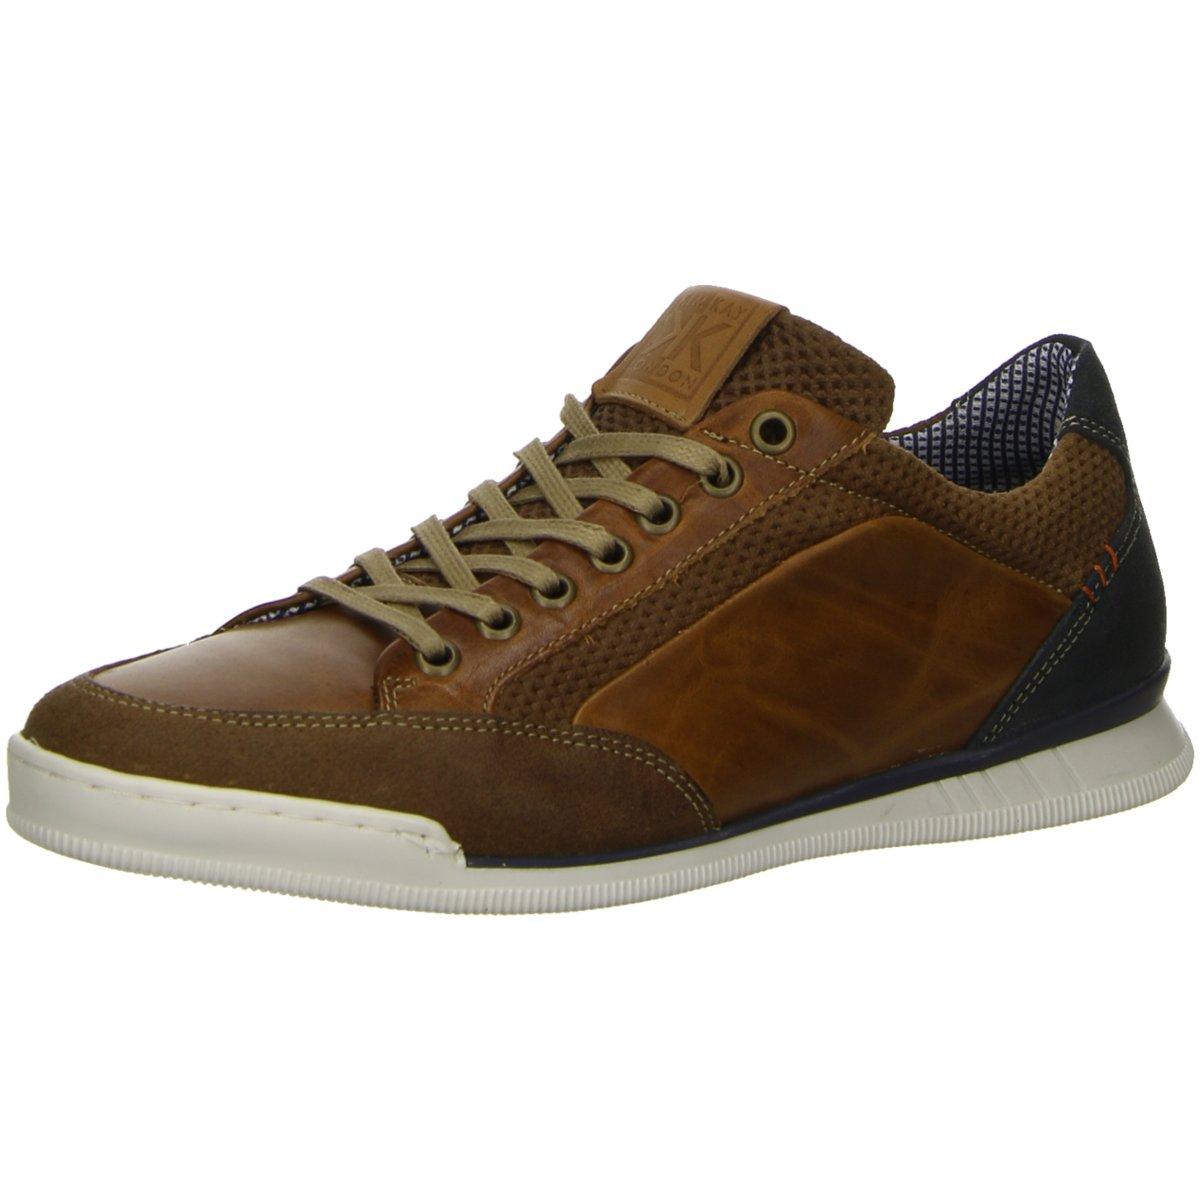 NEU Kim Kay Herren Sneaker j4457-ks528 braun 472420